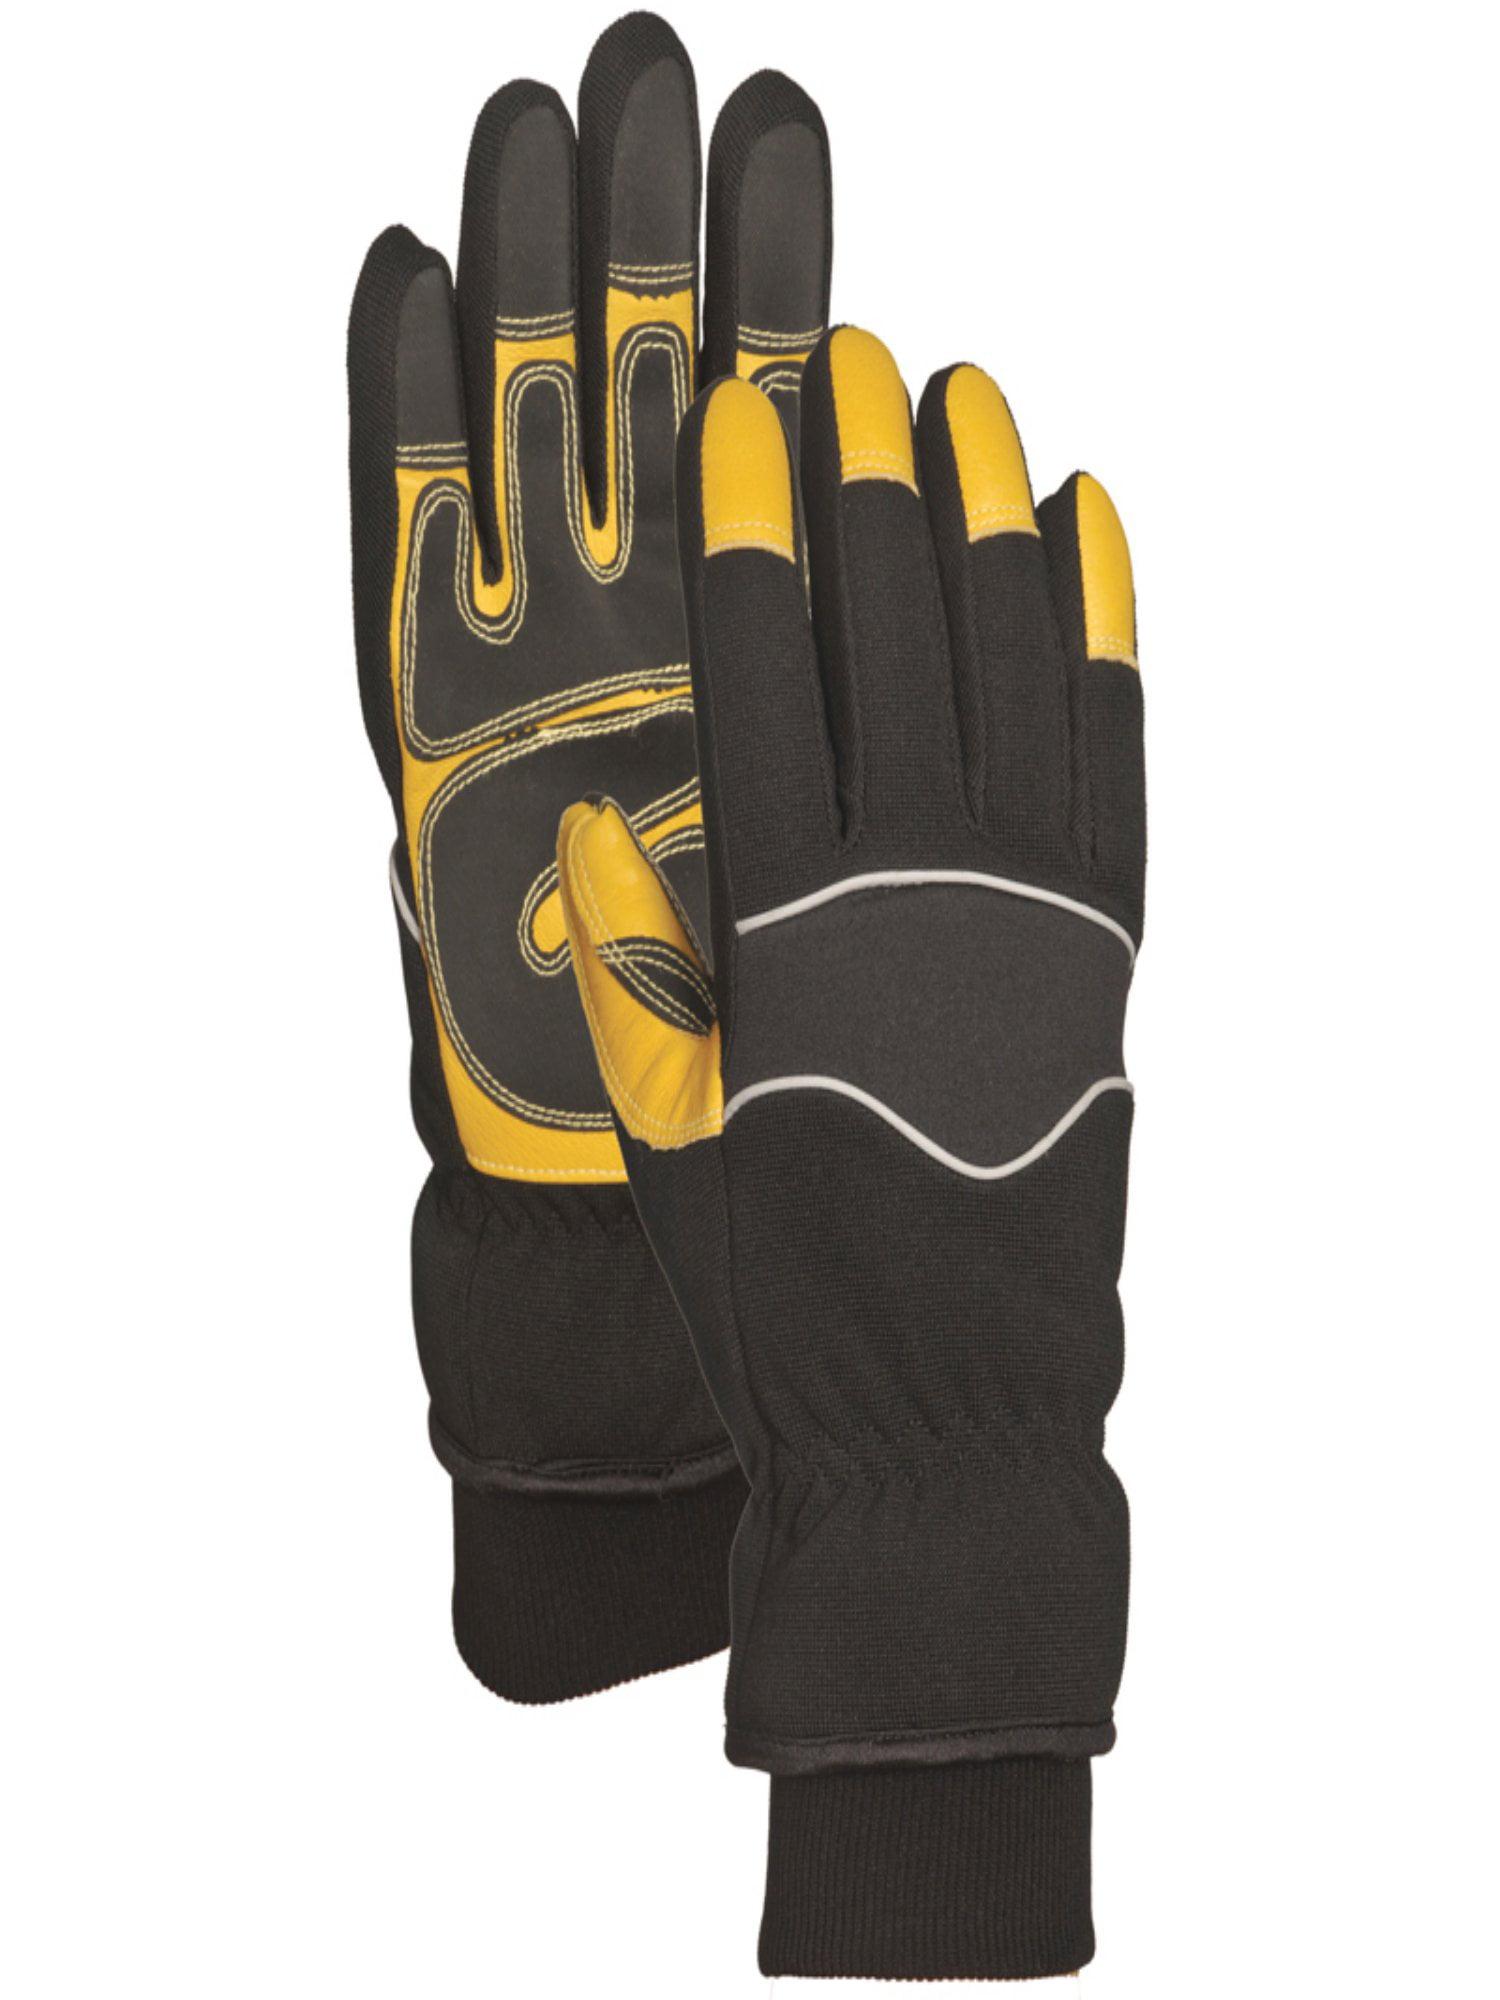 Bellingham Glove CRG23L Large Insulated Glove by Lfs Glove